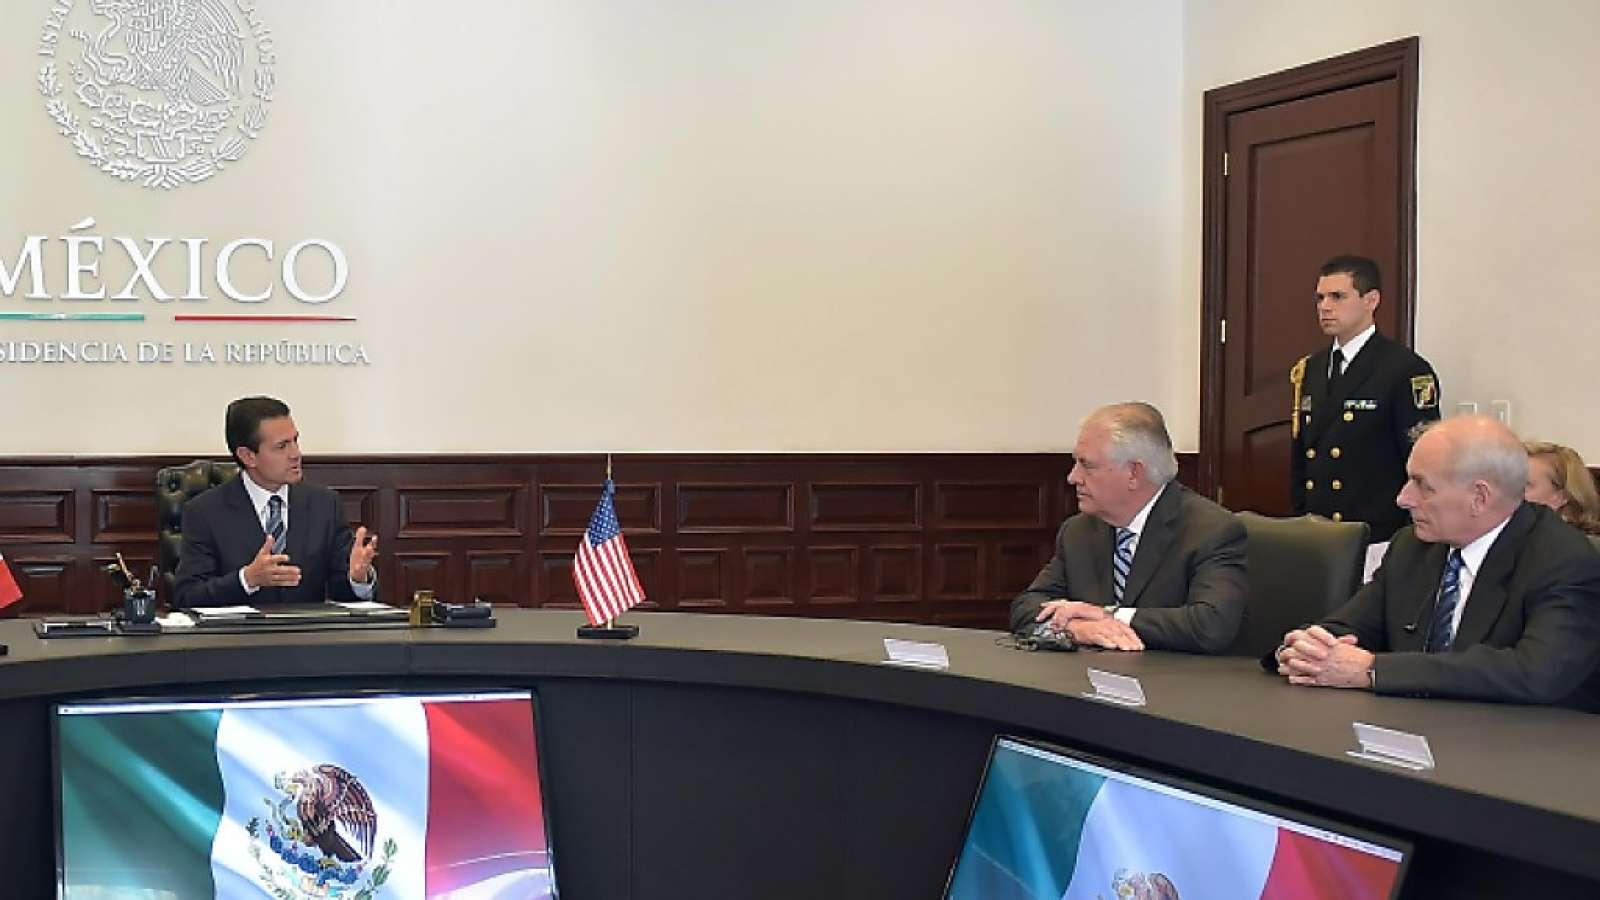 Hochrangiges Treffen in Mexiko: Präsident Enrique Peña Nieto empfängt US-Aussenminister Rex Tillerson und den Minister für Innere Sicherheit John Kelly (rechts).